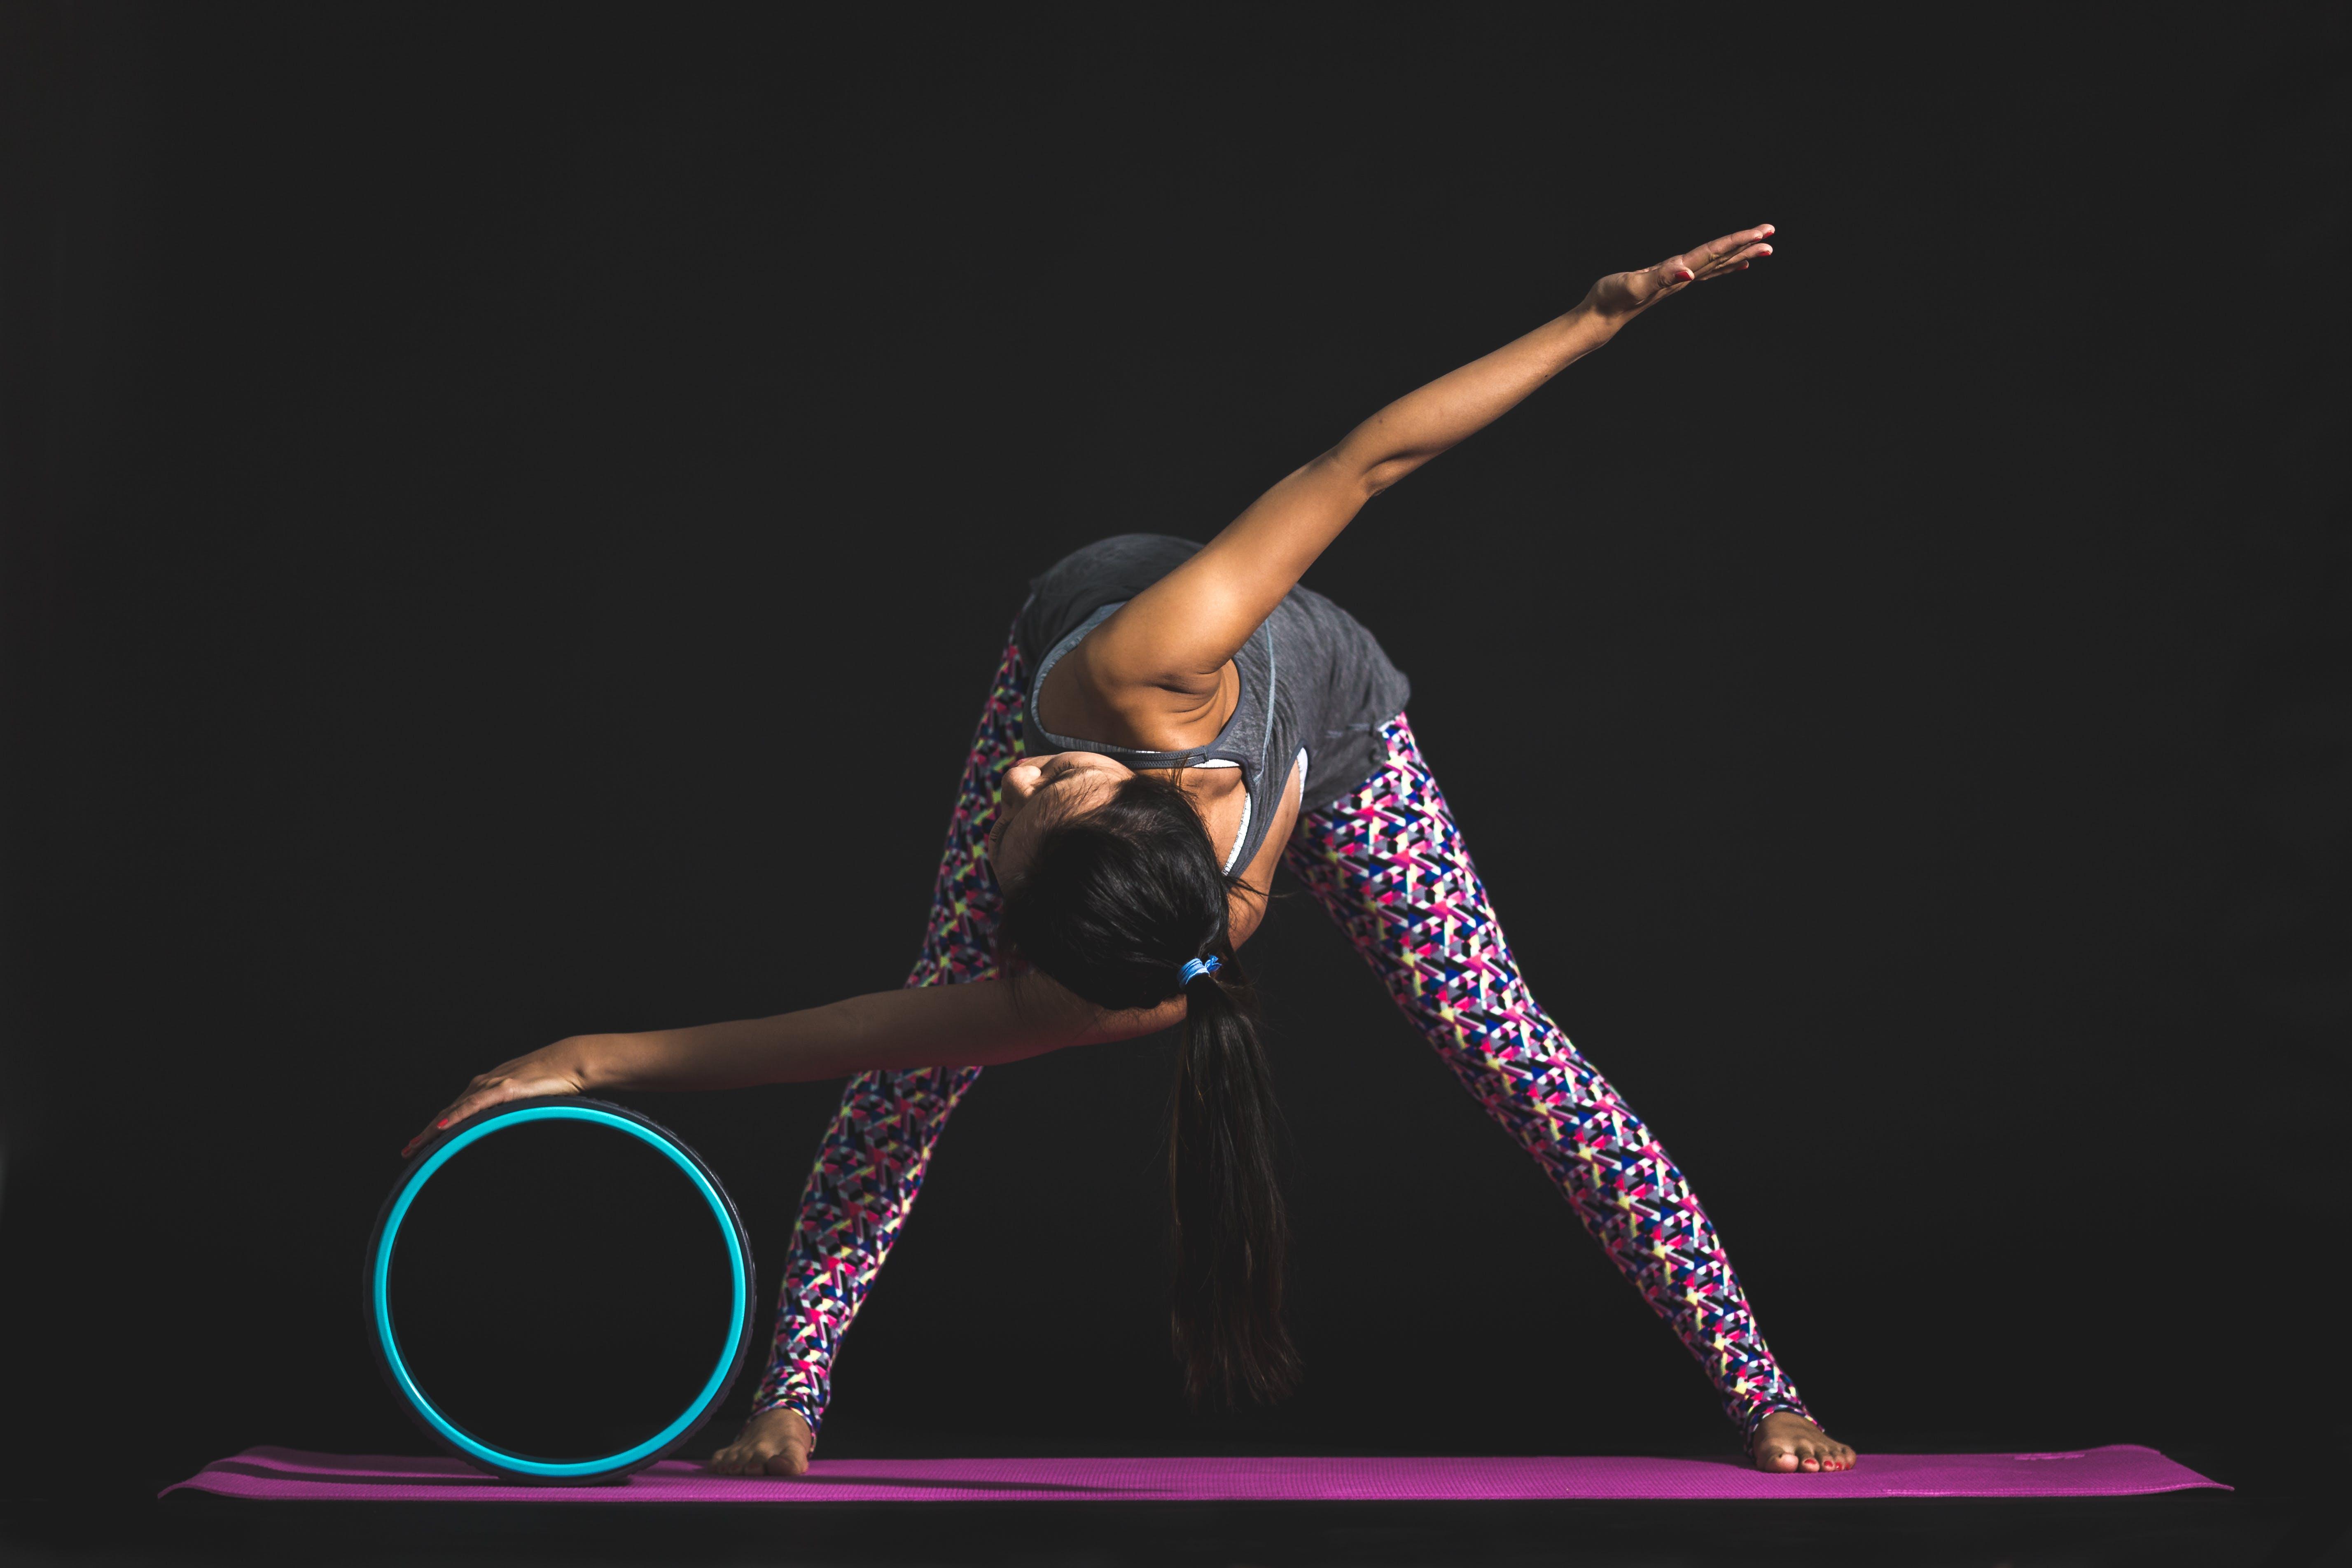 Gratis arkivbilde med aktivitet, fleksibel, gymnastikk, i god form